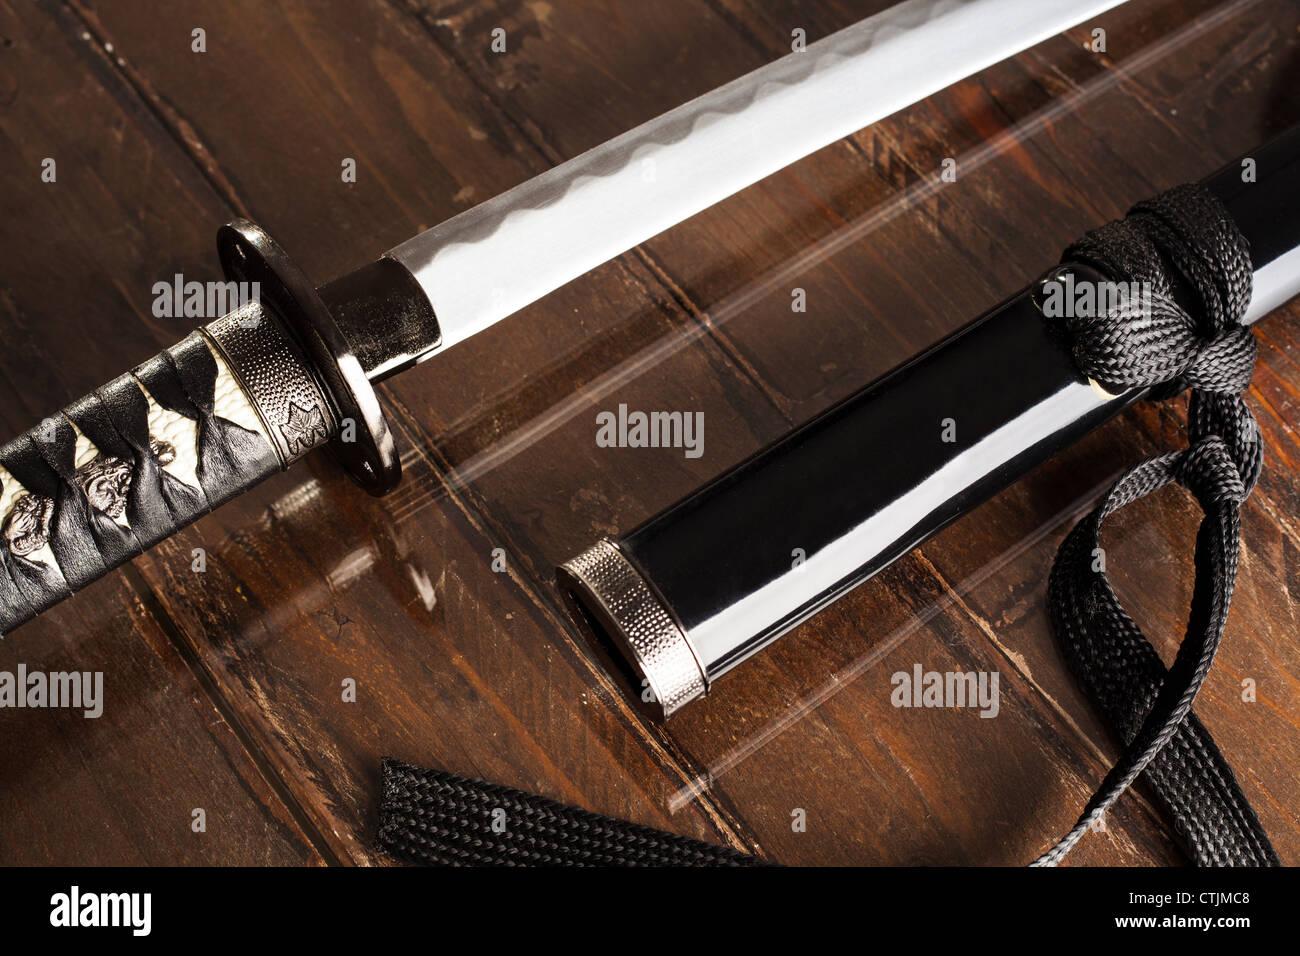 Katana épée avec fourreau noir sur bois Photo Stock